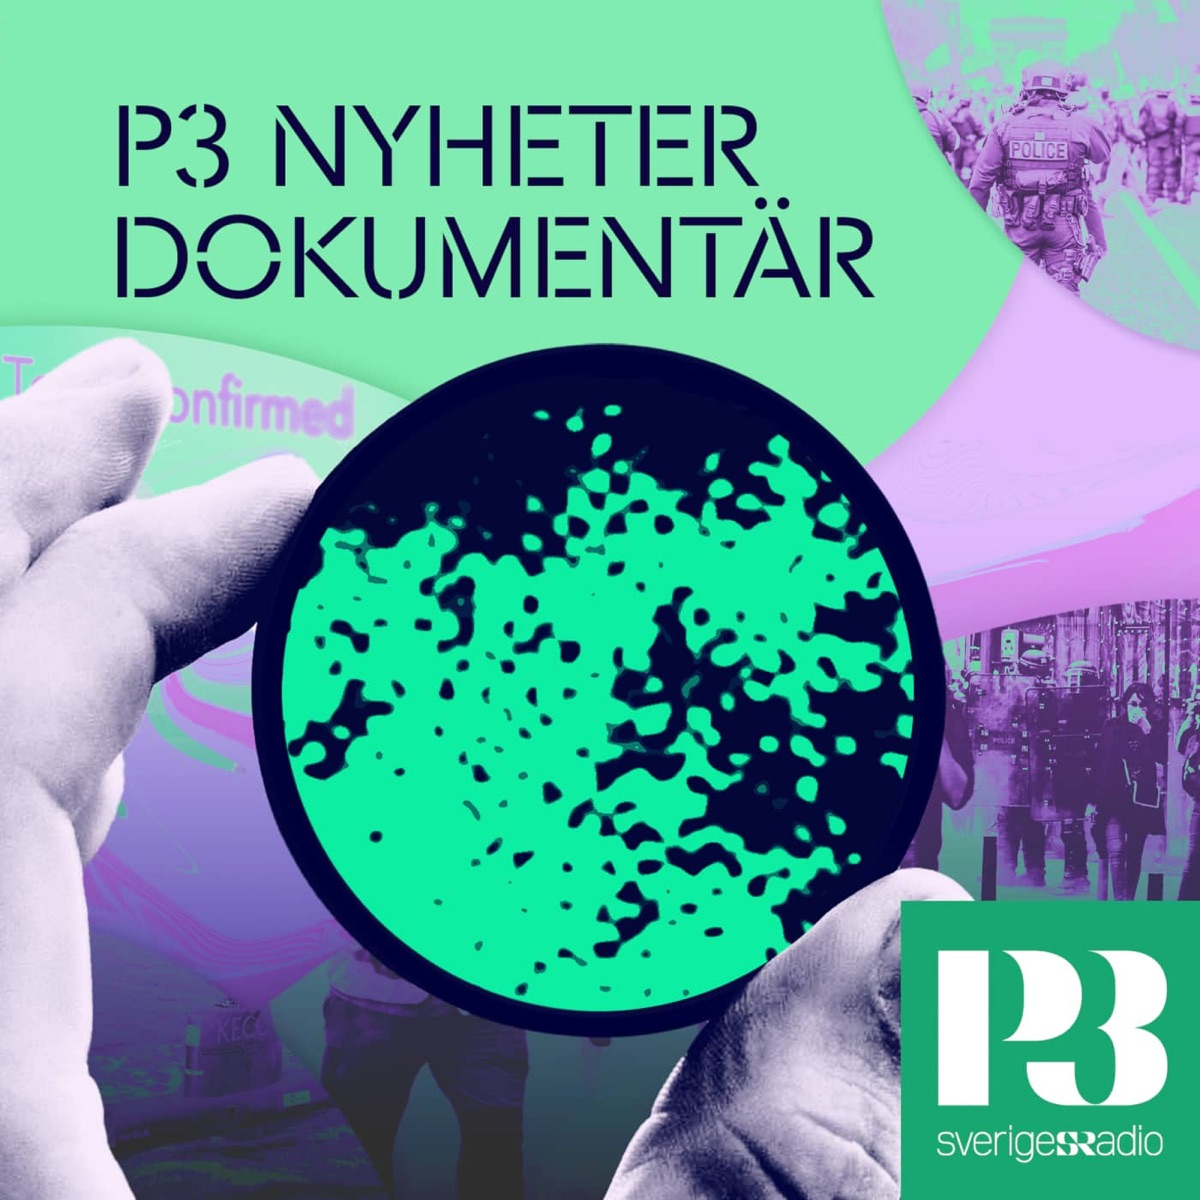 P3 Nyheter Dokumentär